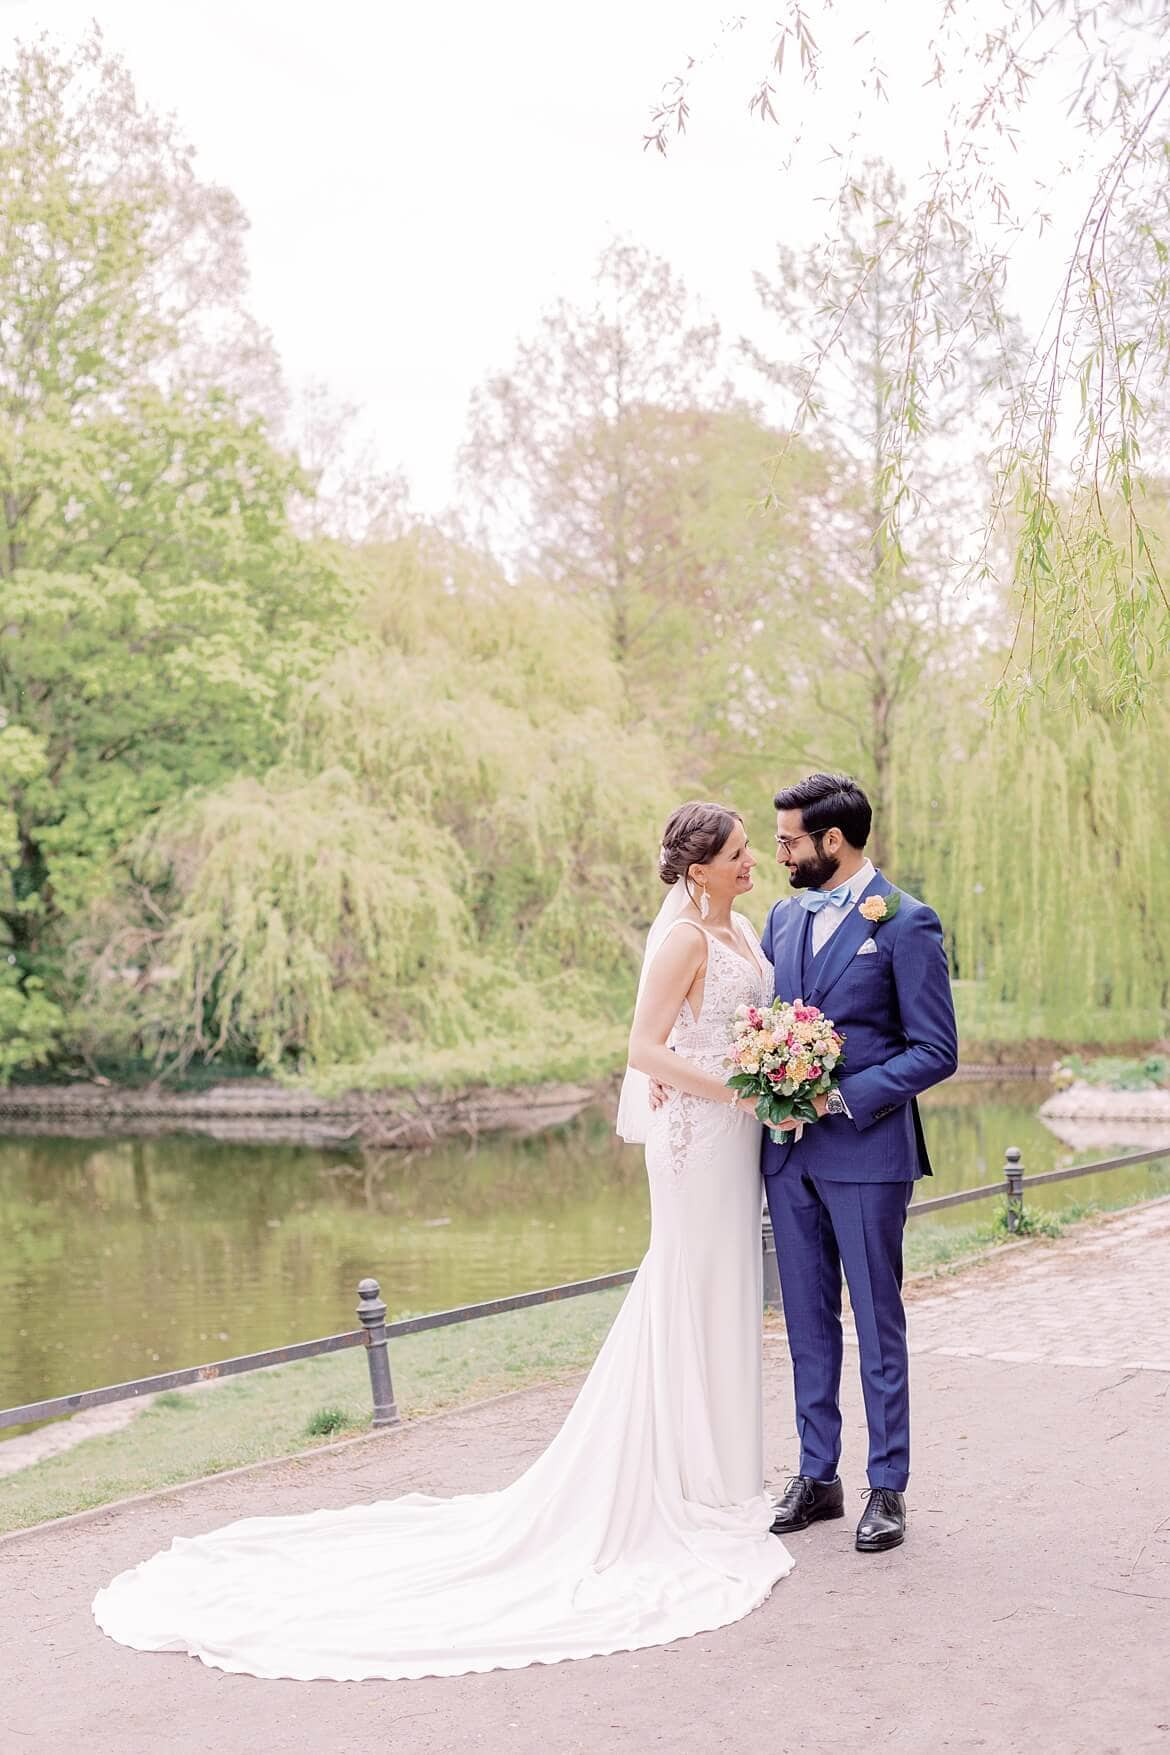 Brautpaar im Stadtpark Steglitz - Braut ist eingedreht, sodass man die Schleppe des Brautkleids sieht